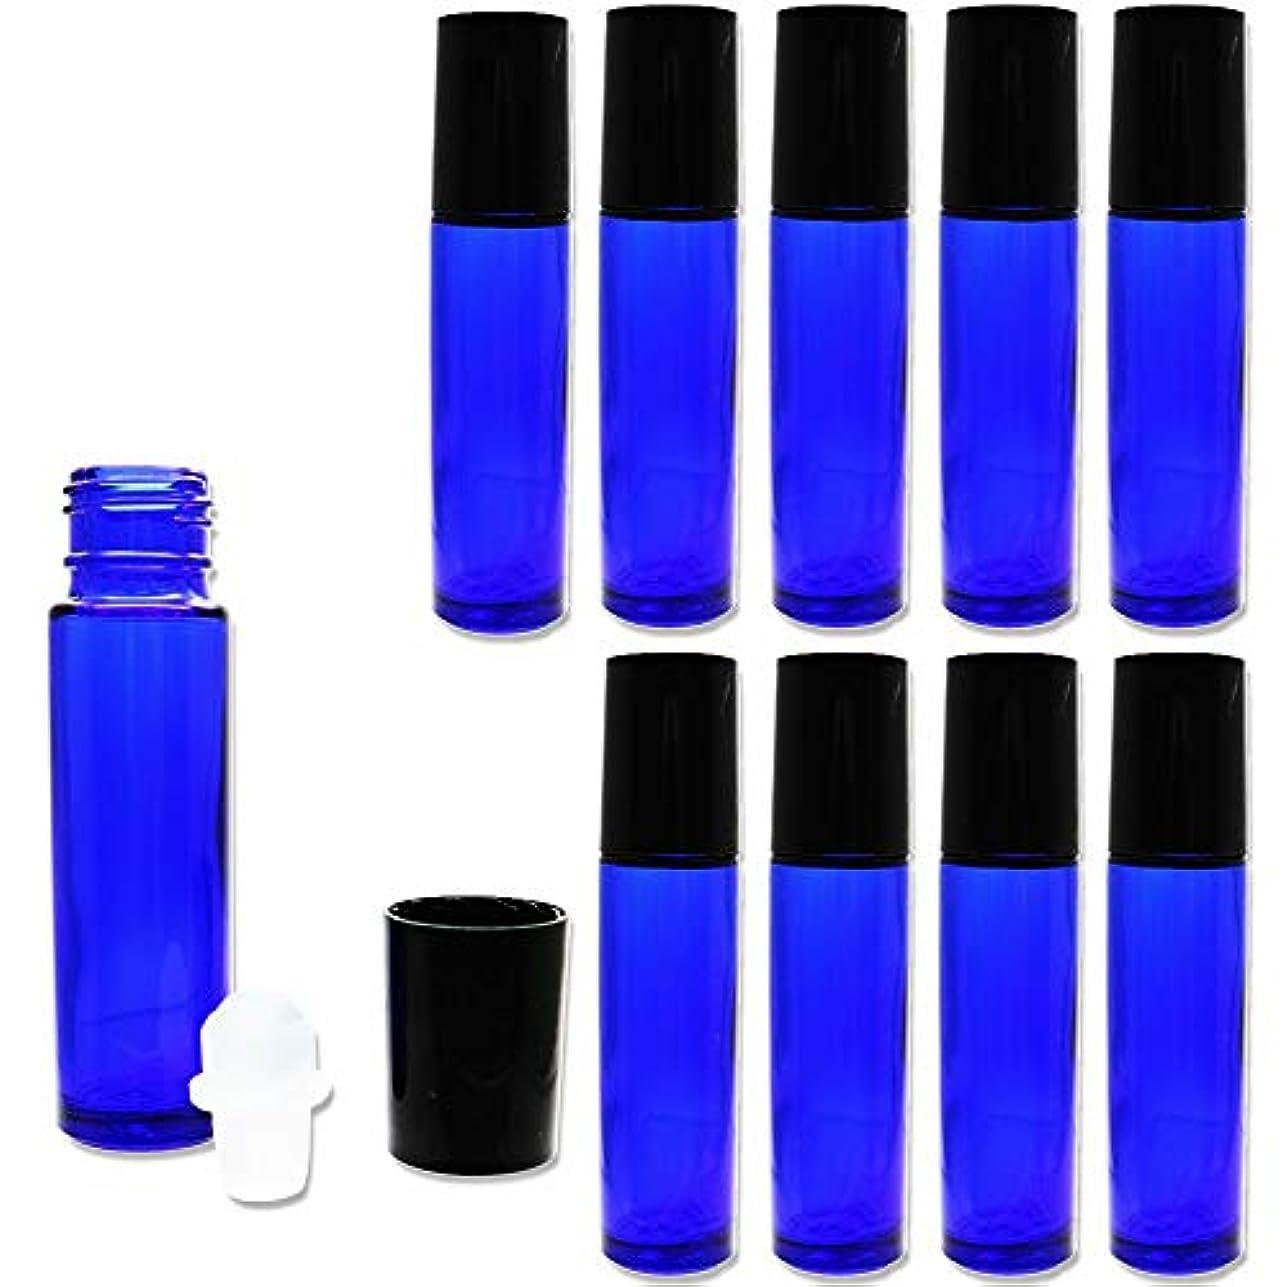 エクステント広がり導入する10本セット 10ml ロールオンボトル アロマオイル ガラスロール 遮光瓶 詰め替え